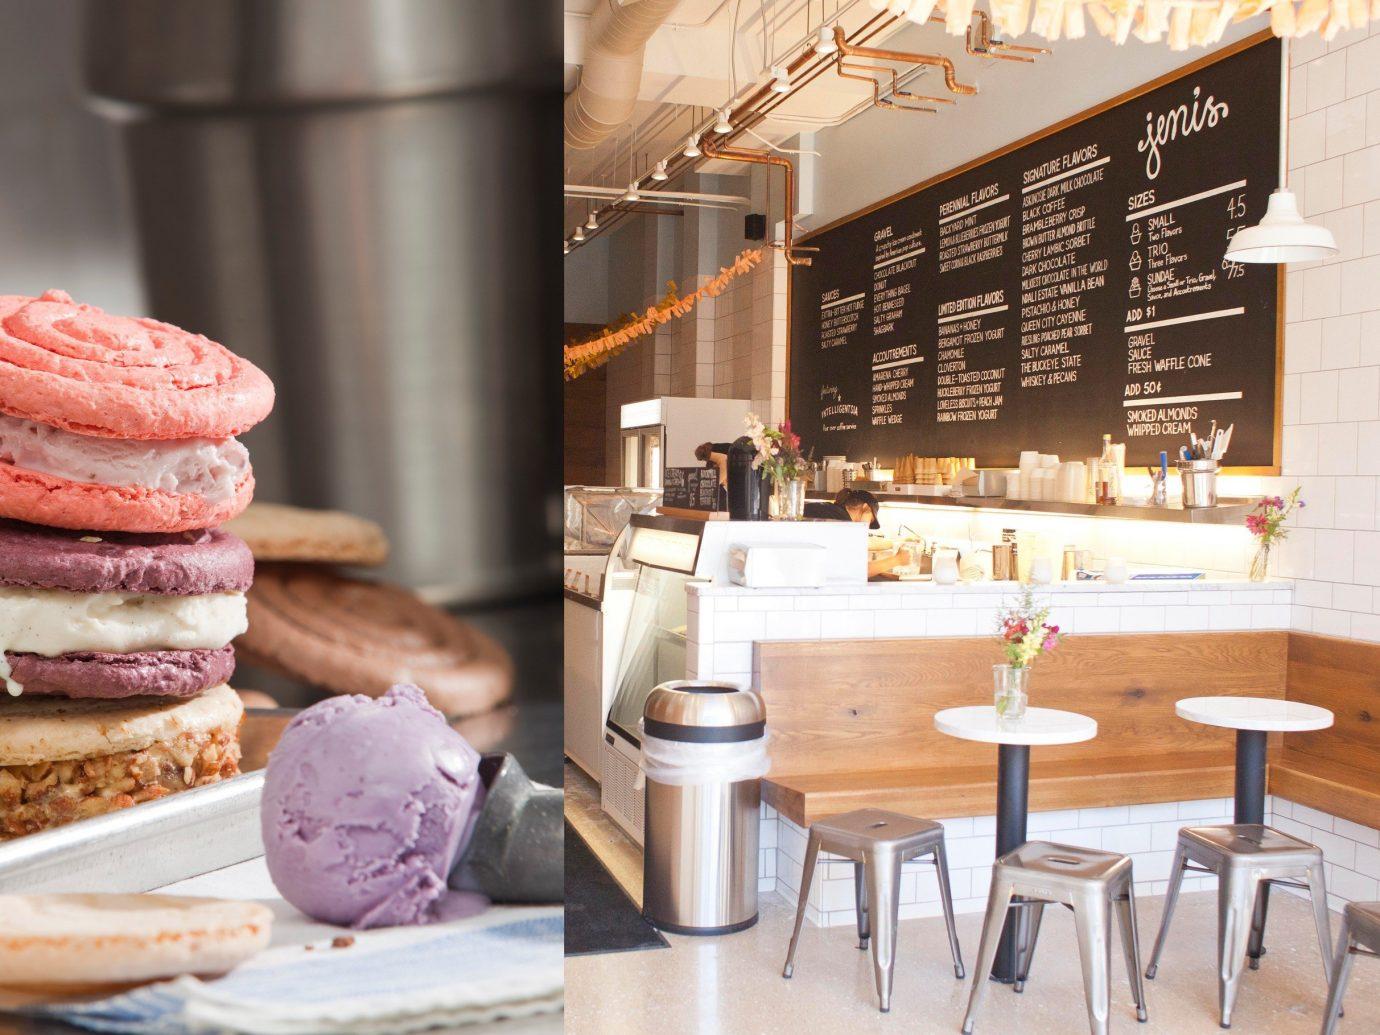 Food + Drink indoor meal food brunch breakfast restaurant lunch bakery